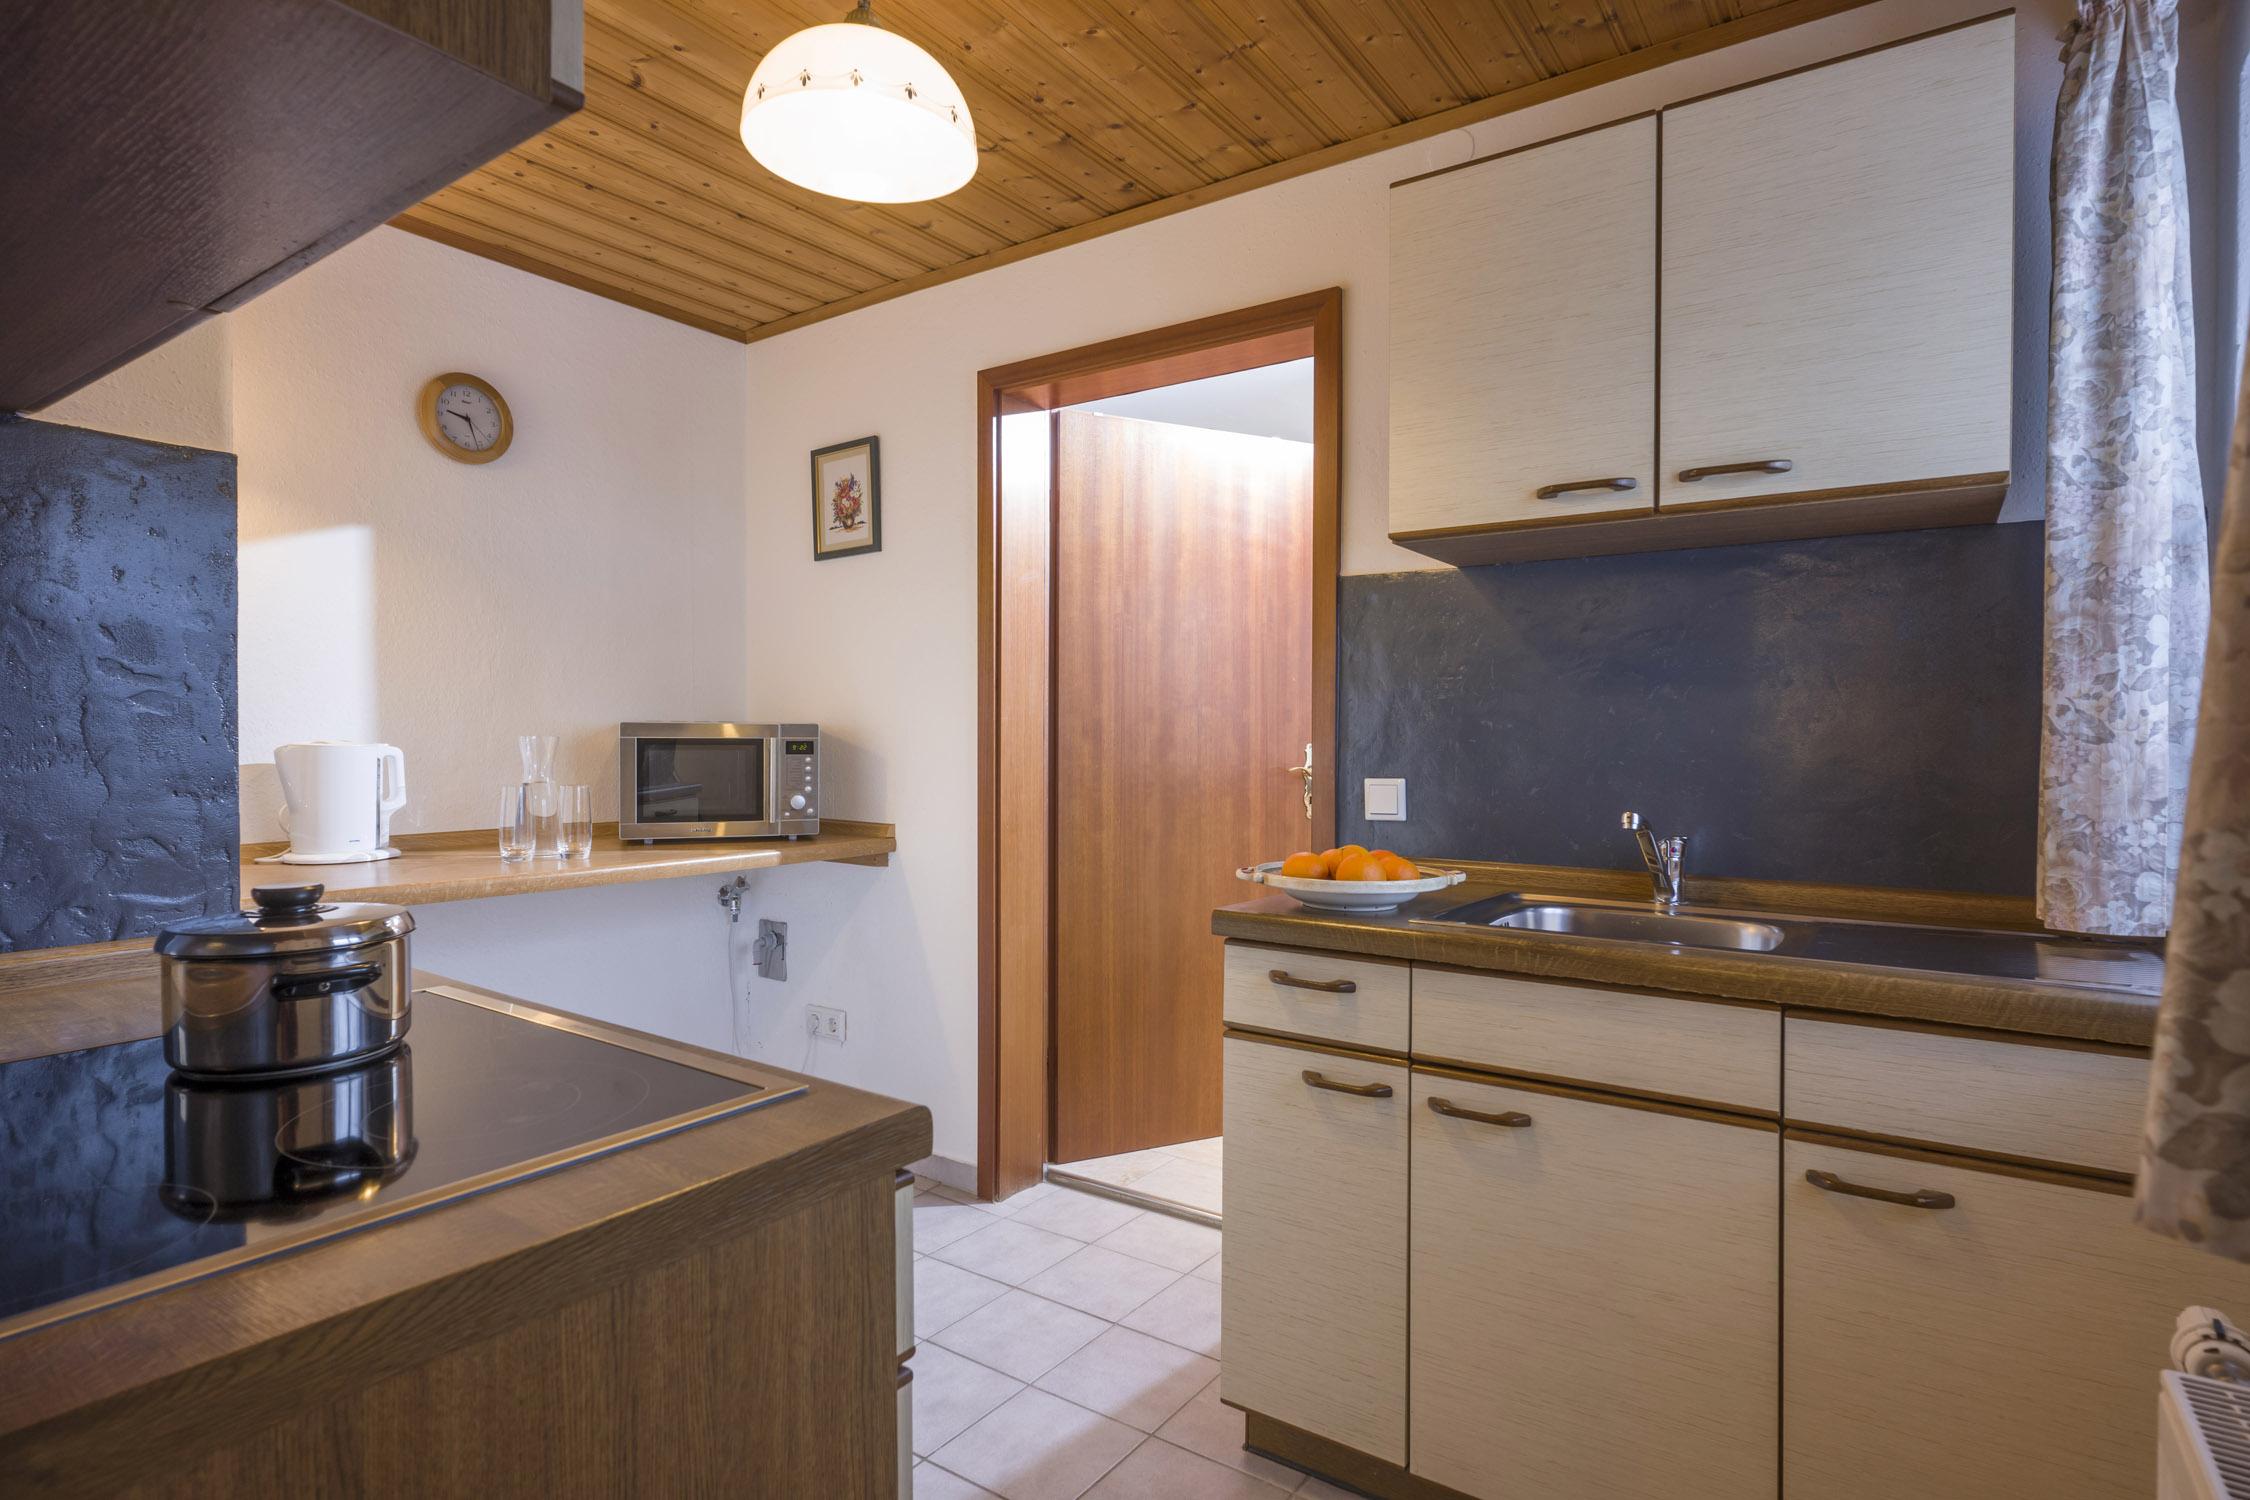 Ferienwohnung Haus Enzian (DE Oberaudorf). 1-Zimmer Ferienwohnung 40qm (709912), Oberaudorf, Chiemgau, Bayern, Deutschland, Bild 12